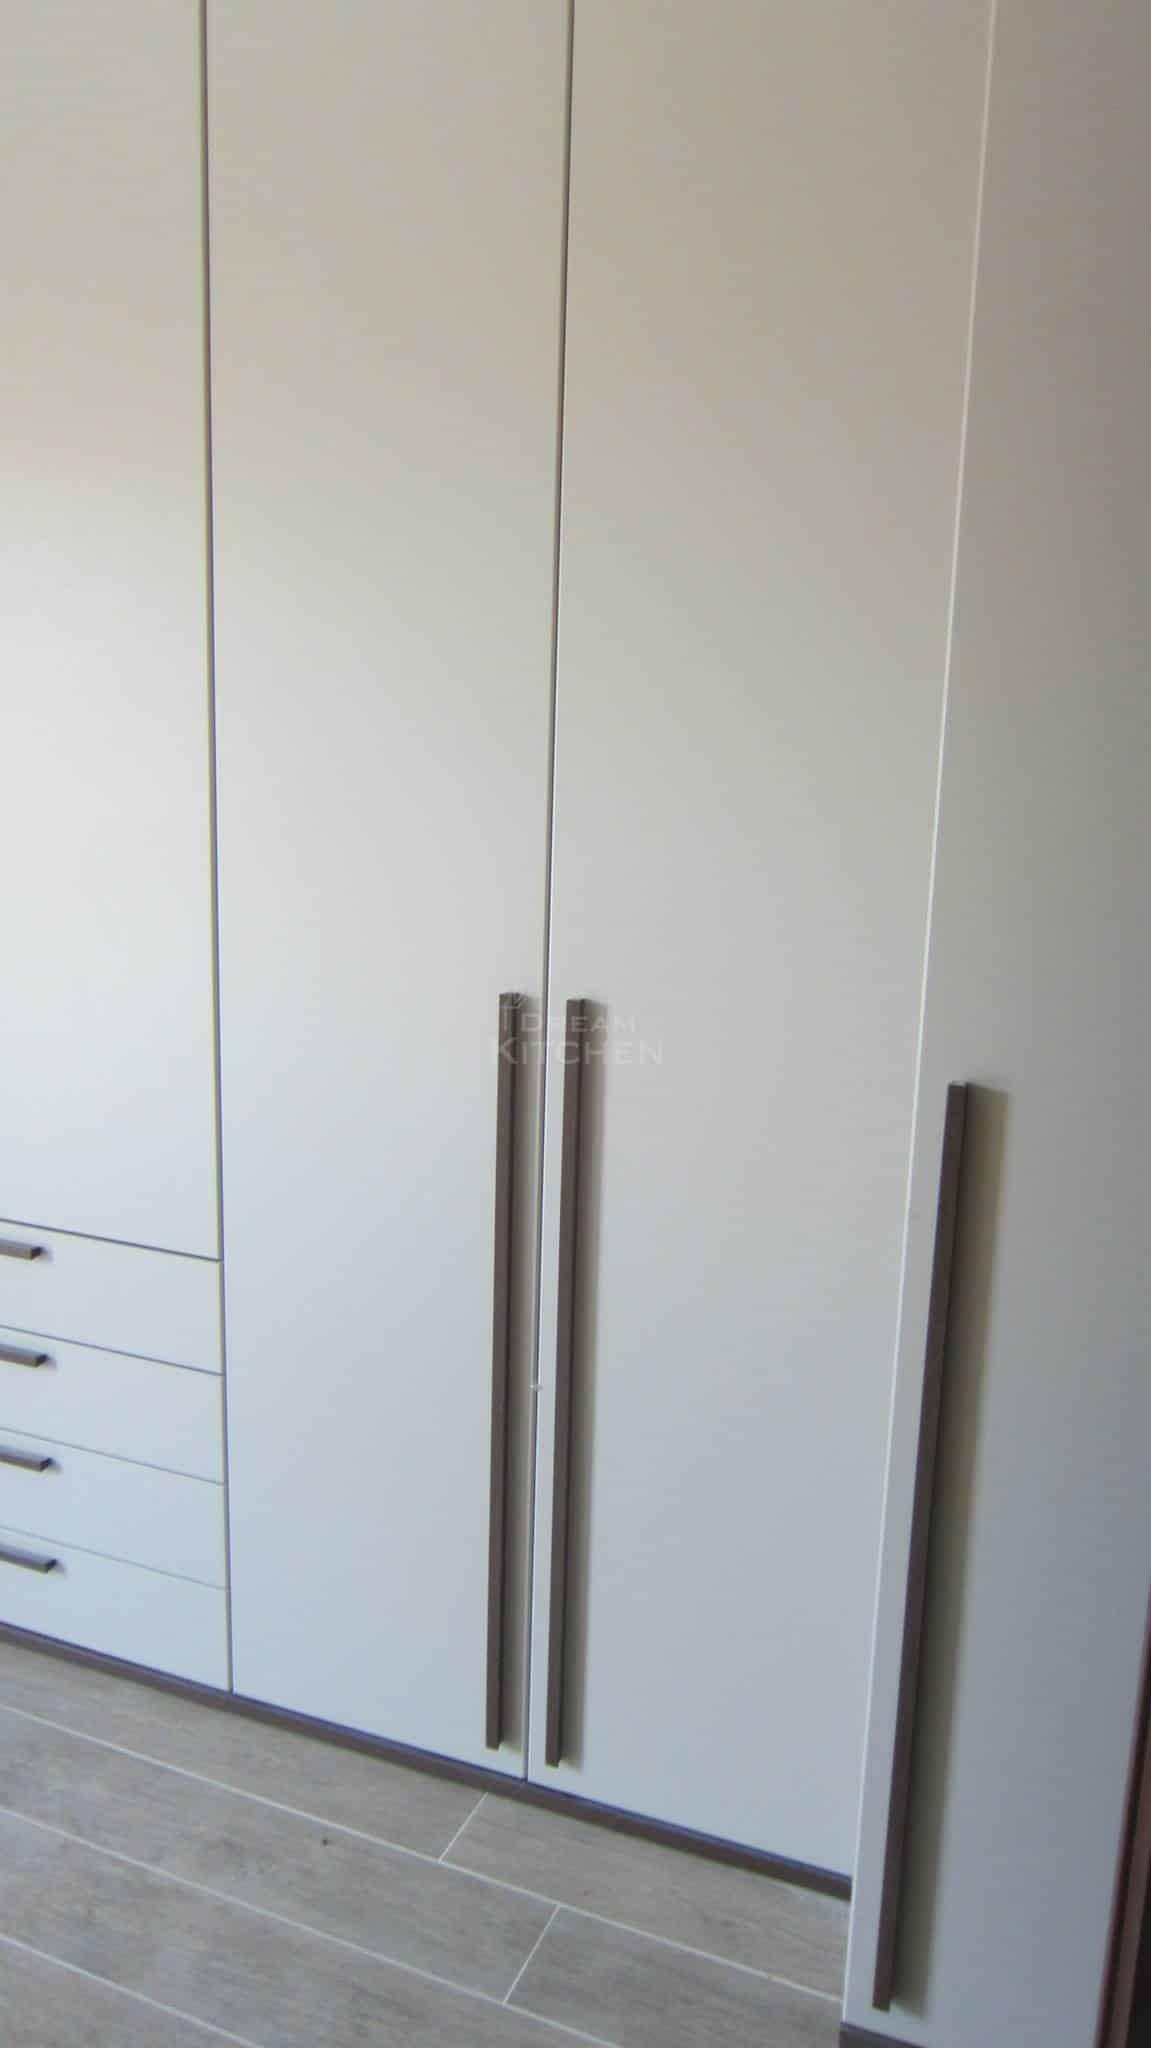 Πλήρης επίπλωση κατοικίας ντουλαπα βακελιτη 6